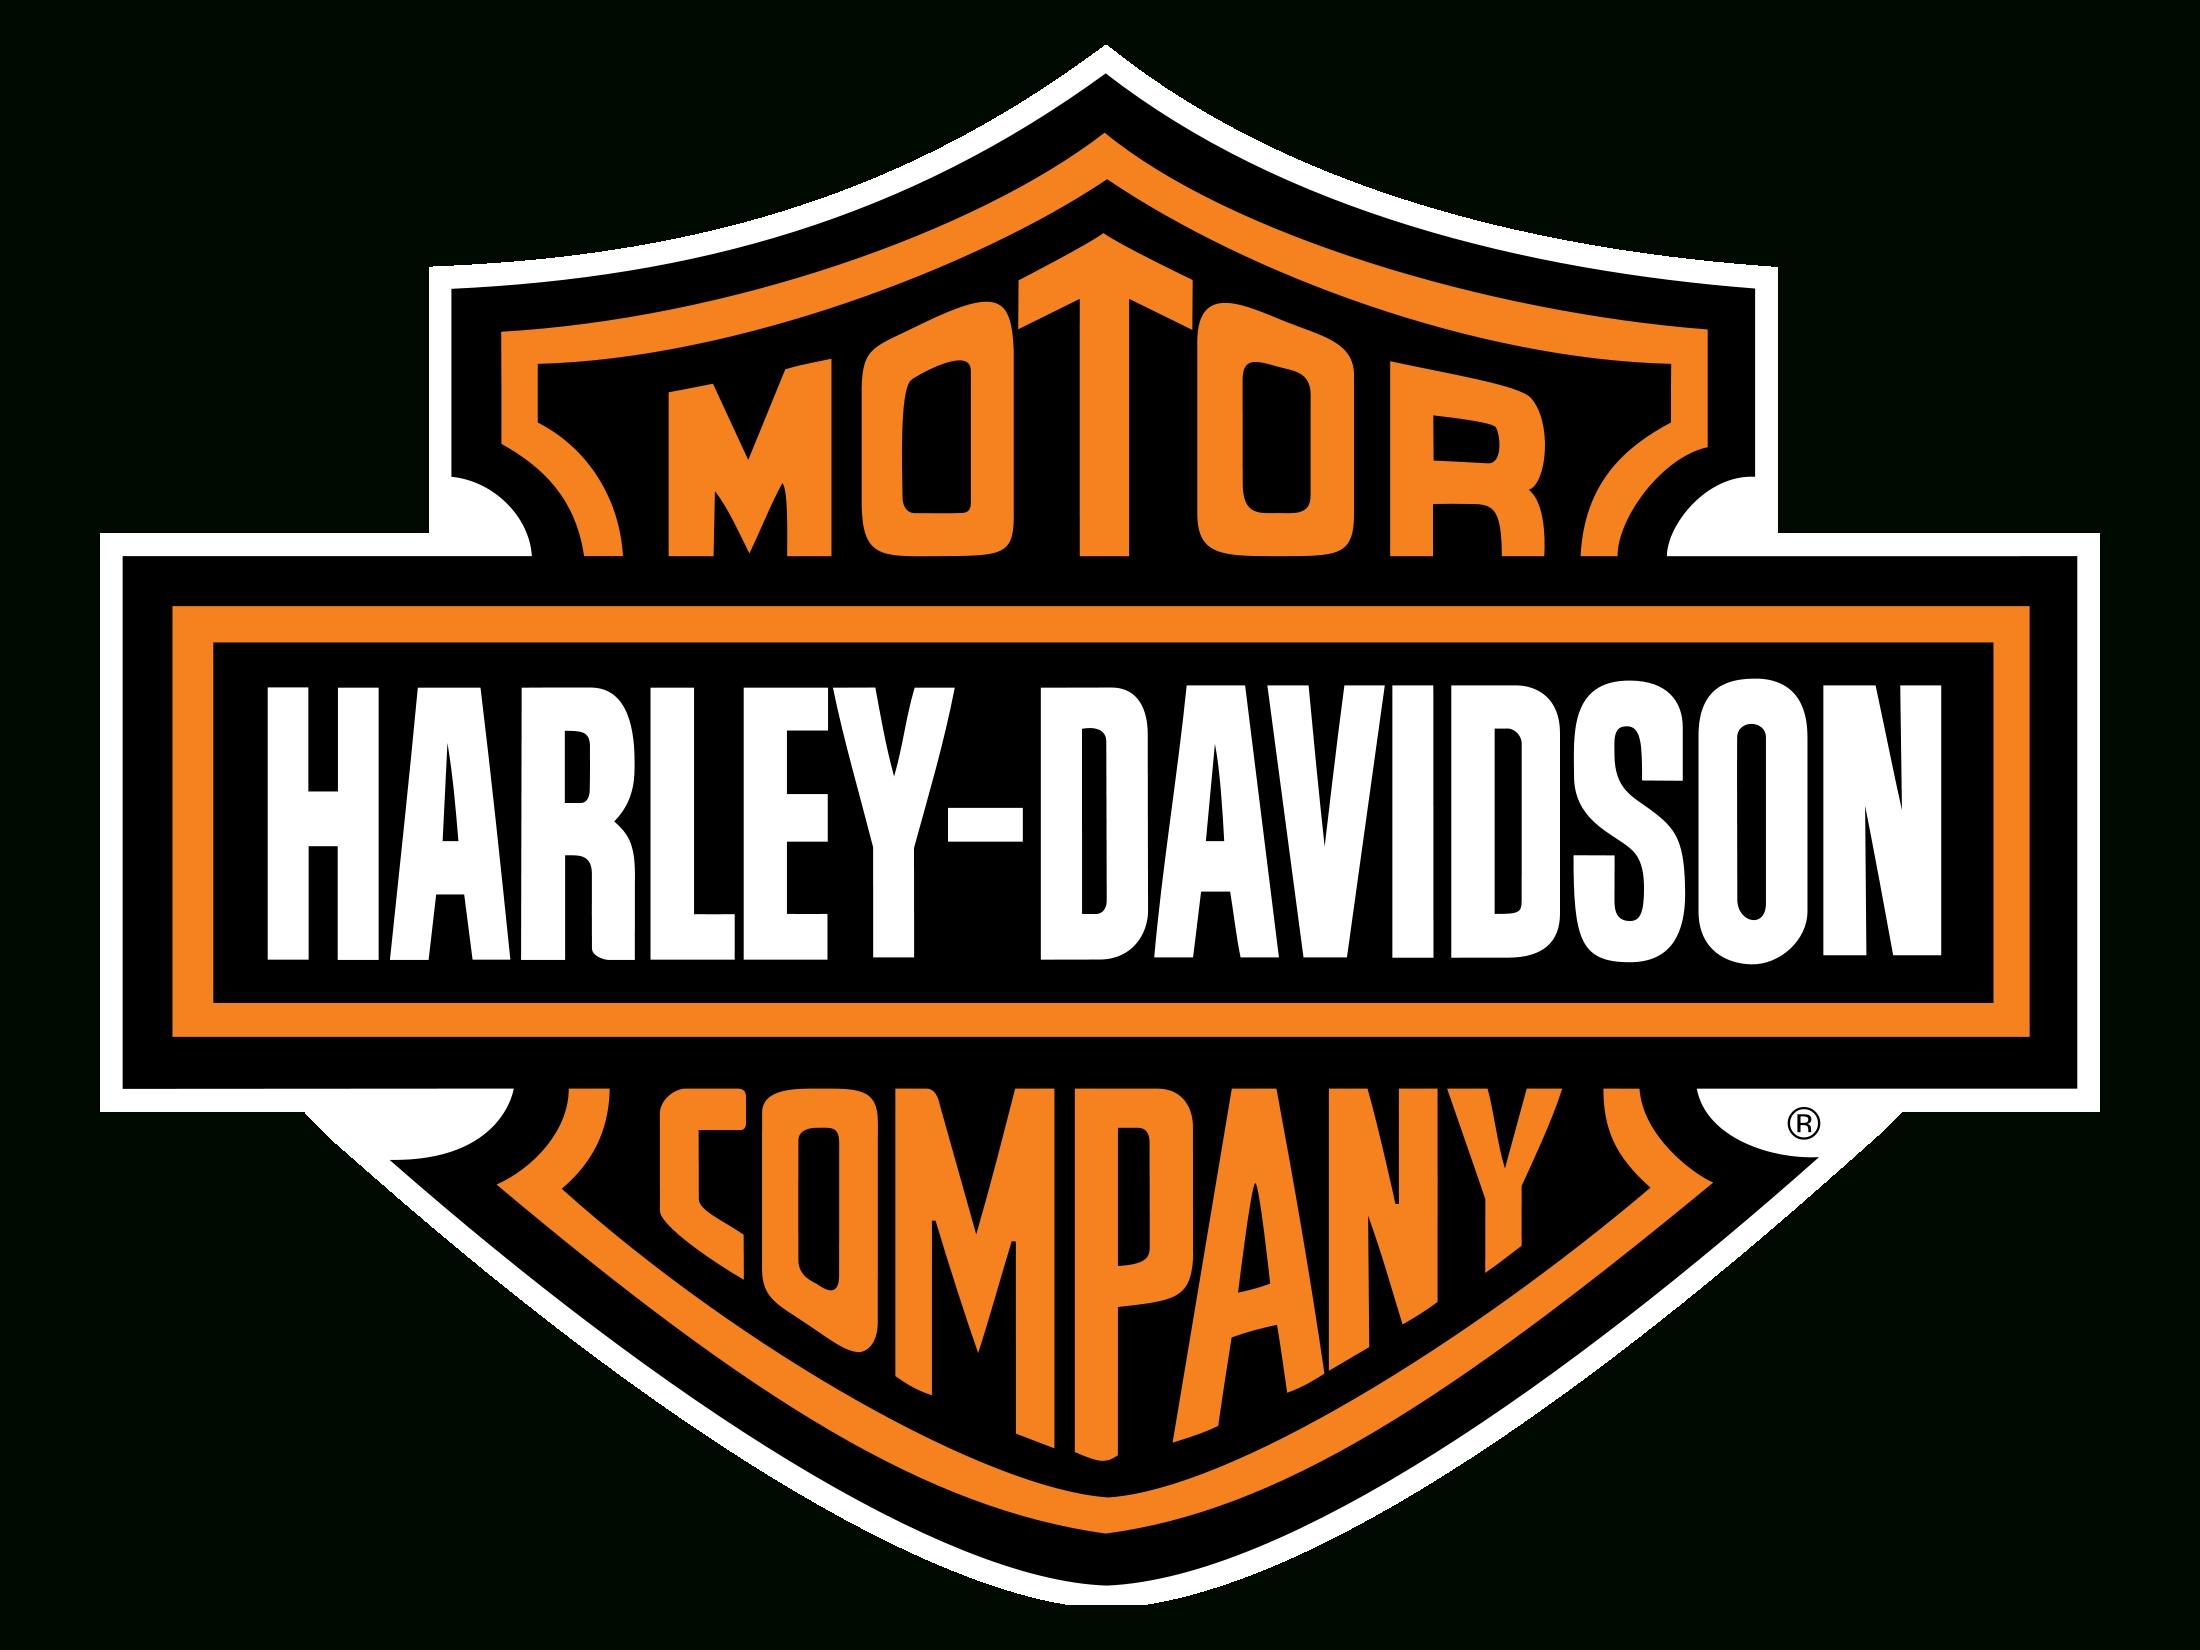 le logo harley-davidson | les marques de voitures